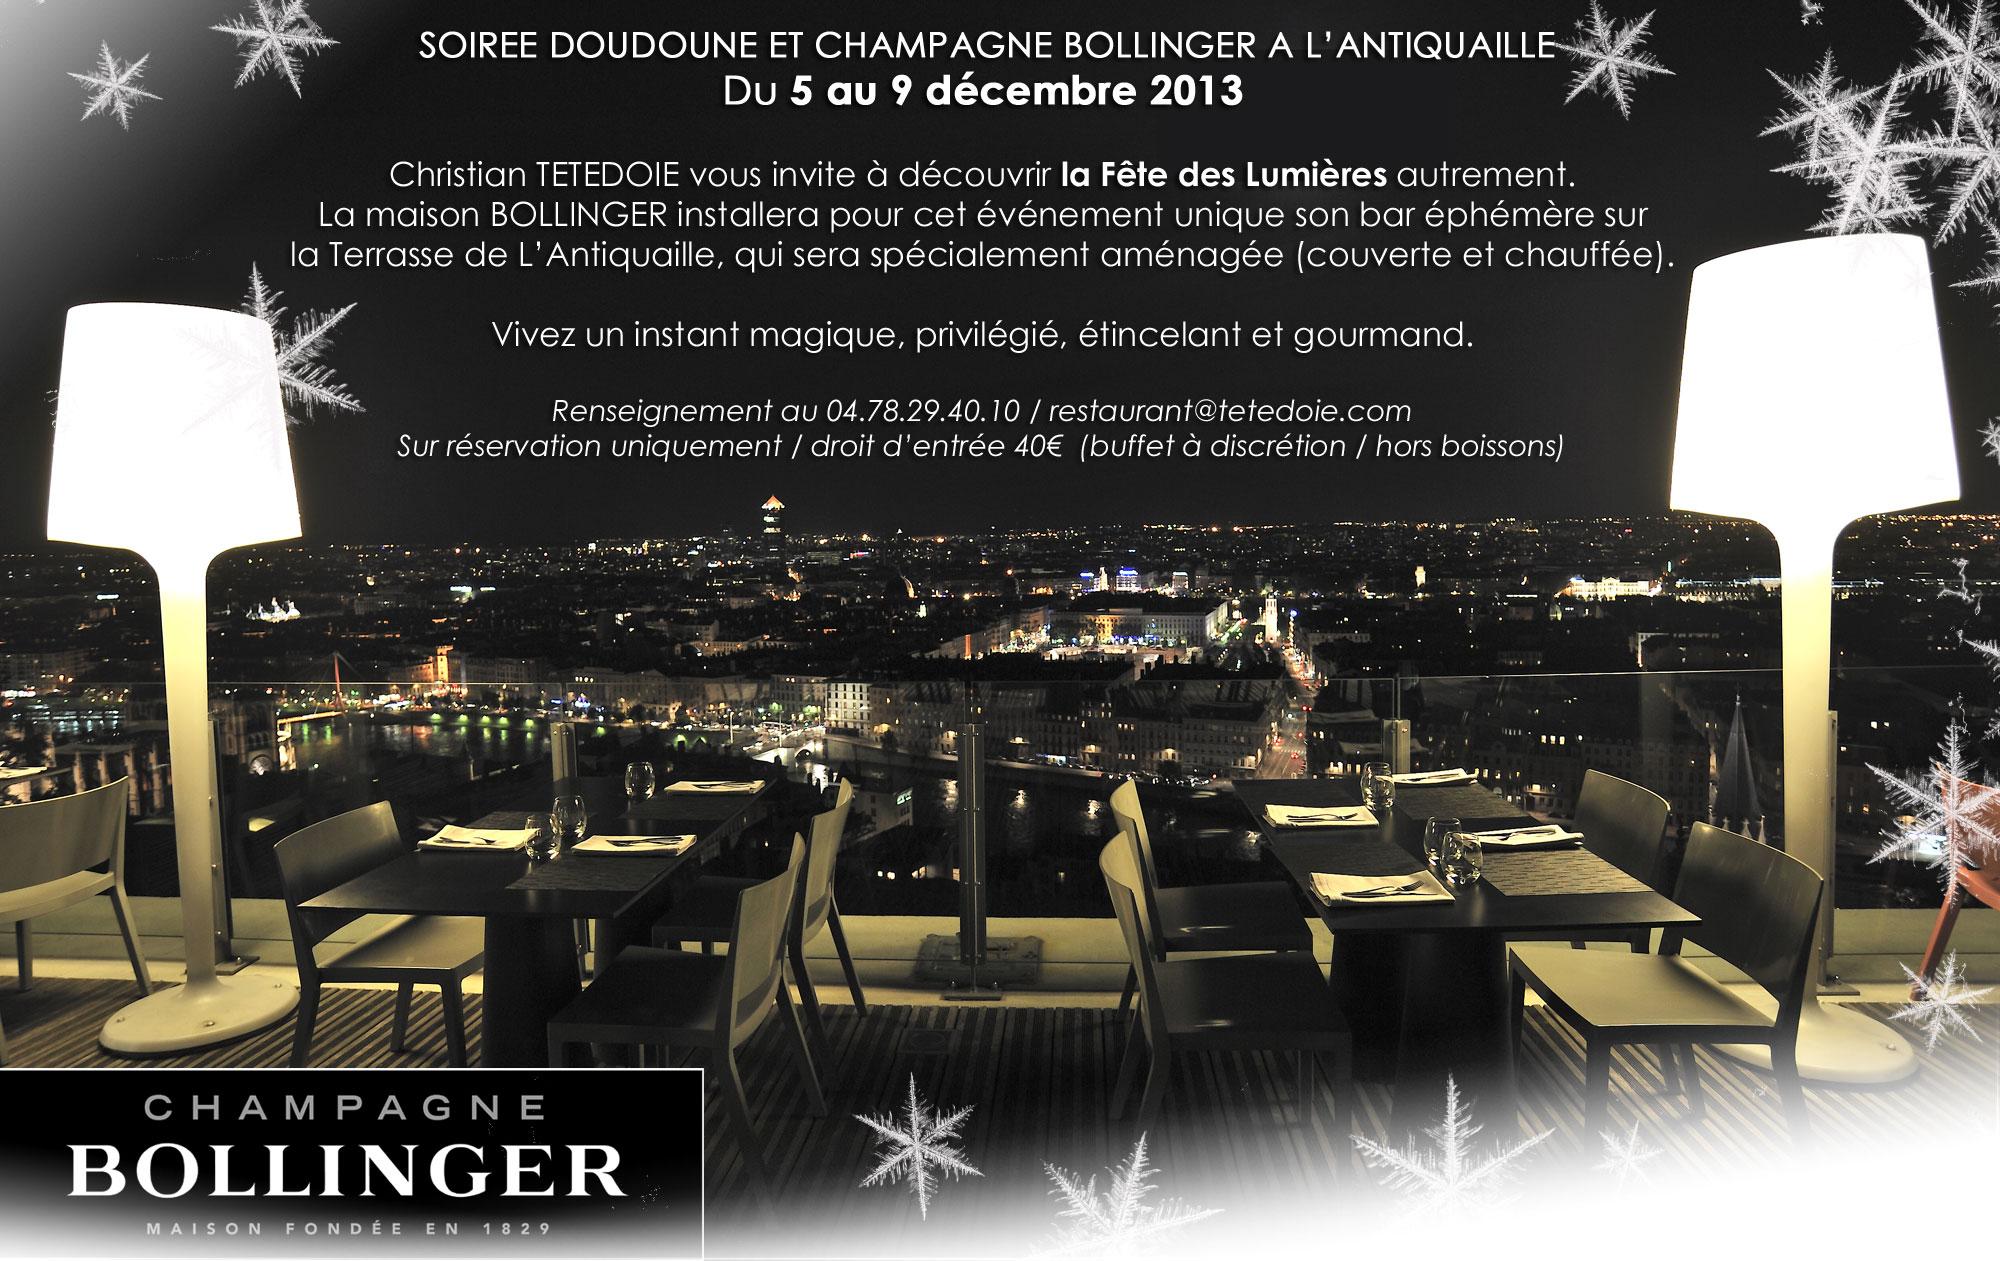 """Soirées """"Doudounes et Champagne"""" à l'Antiquaille, à Lyon // DR"""